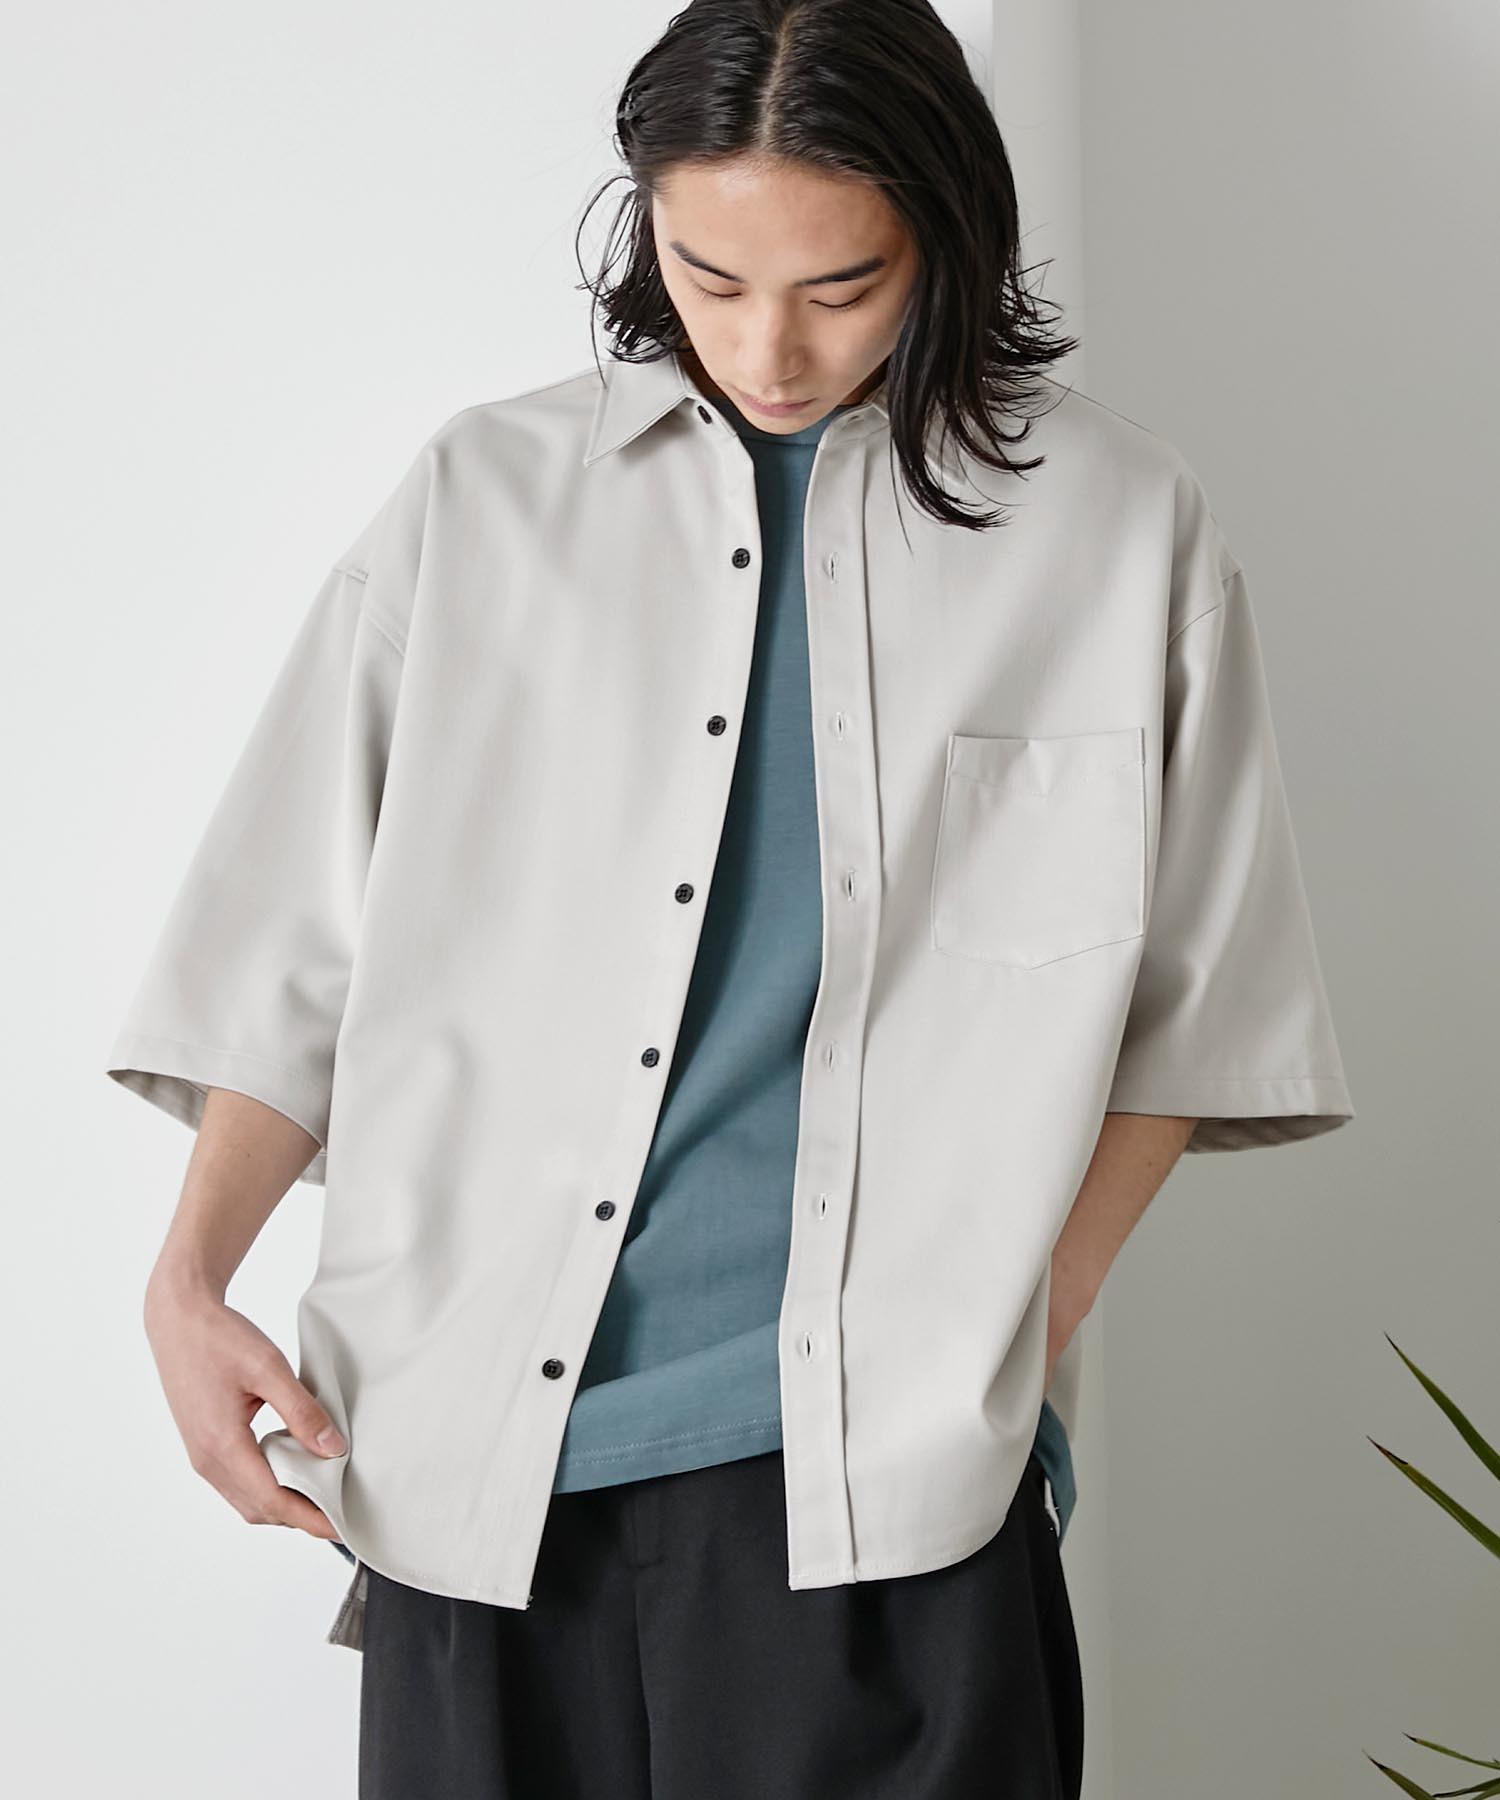 オーバーサイズTRストレッチレギュラーカラーシャツ 半袖